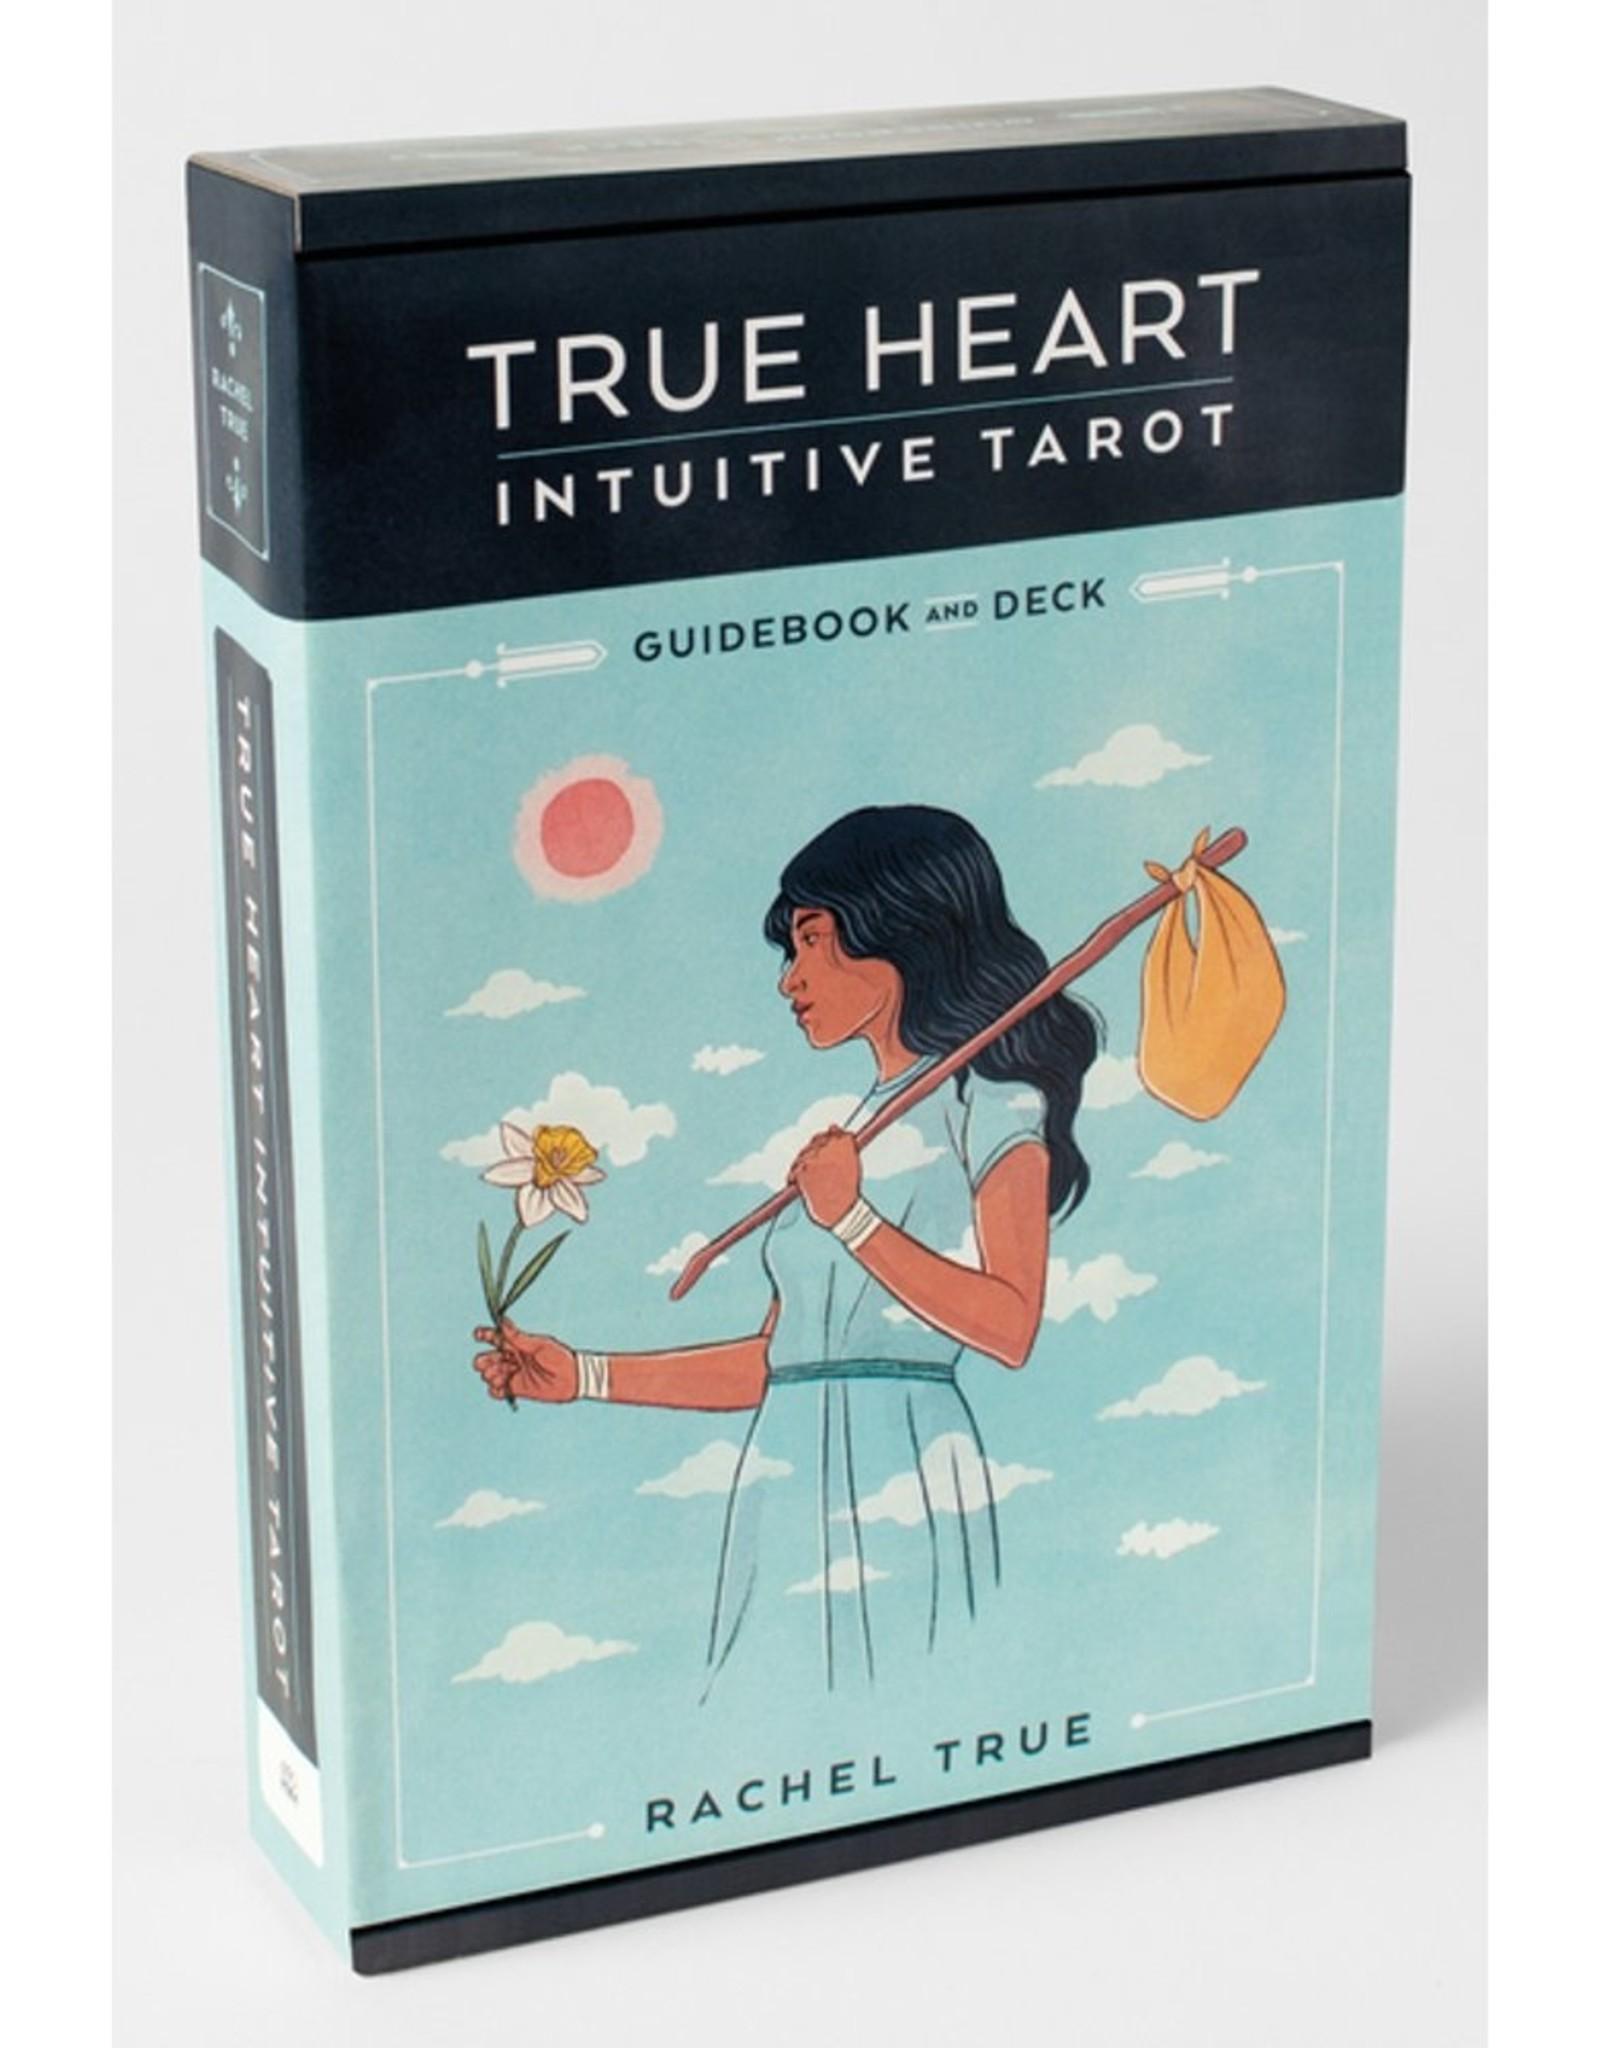 True Heart Intuitive Tarot